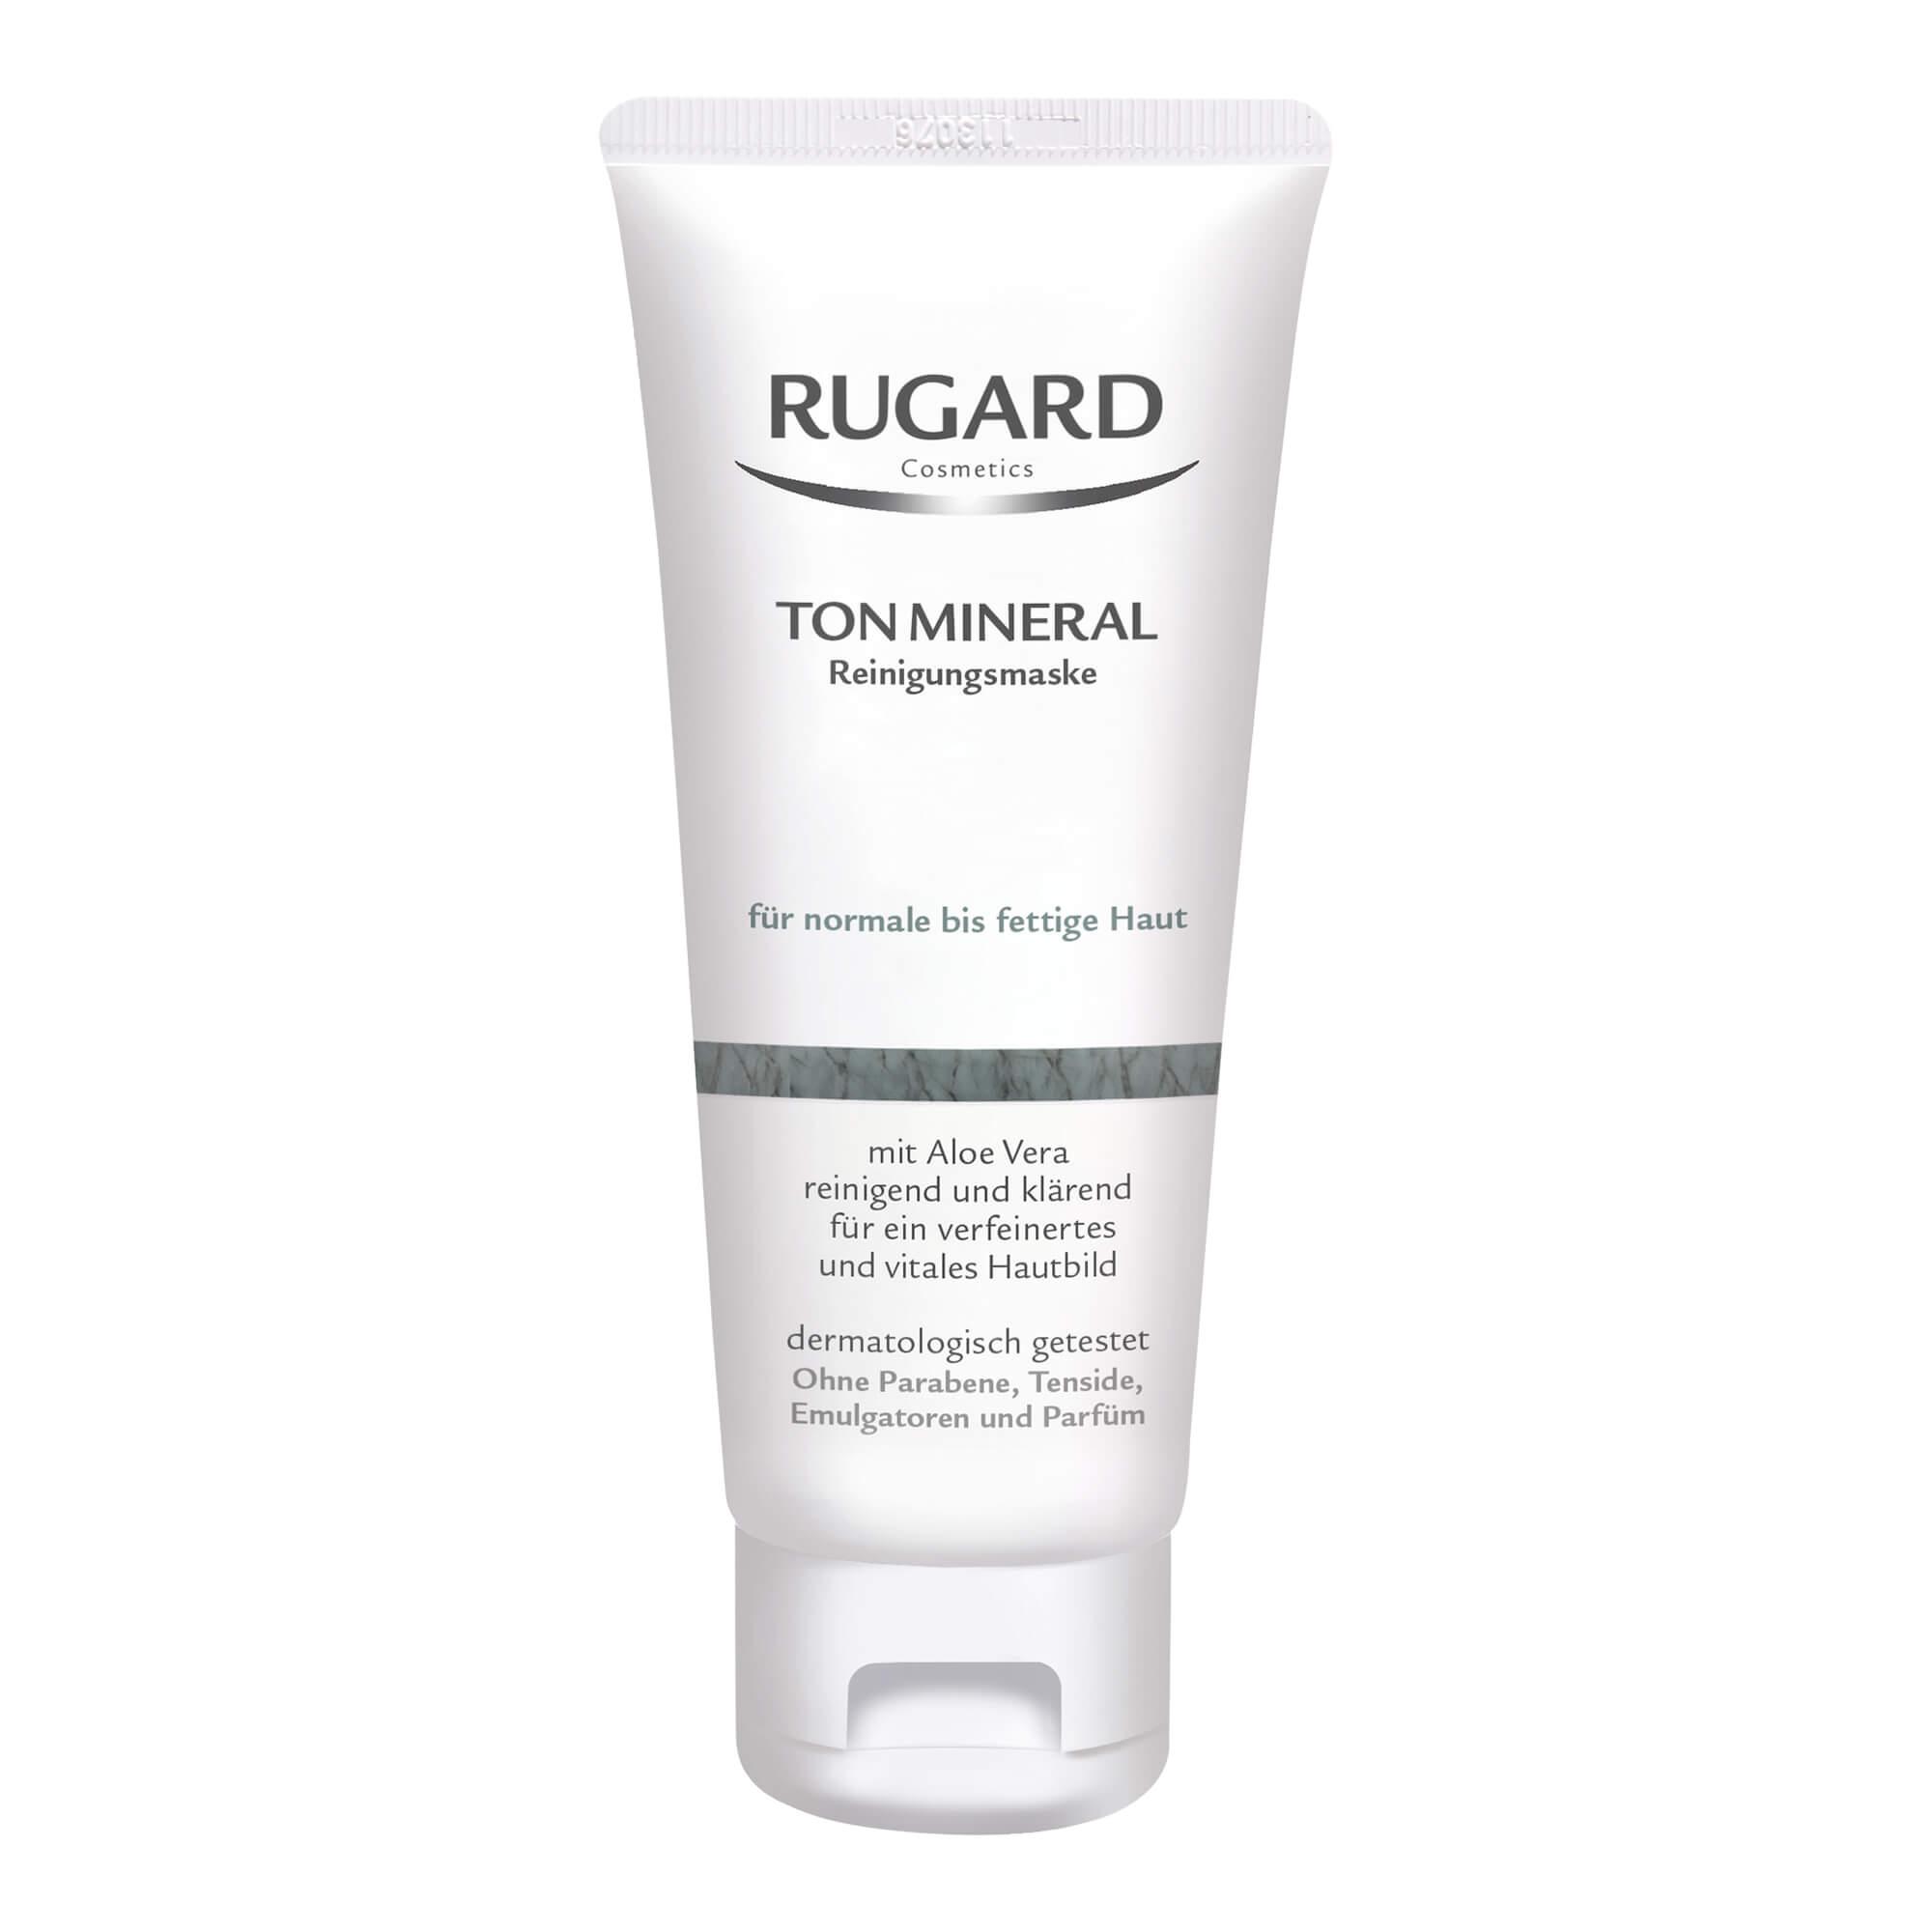 Rugard TonMineral Gel-Maske